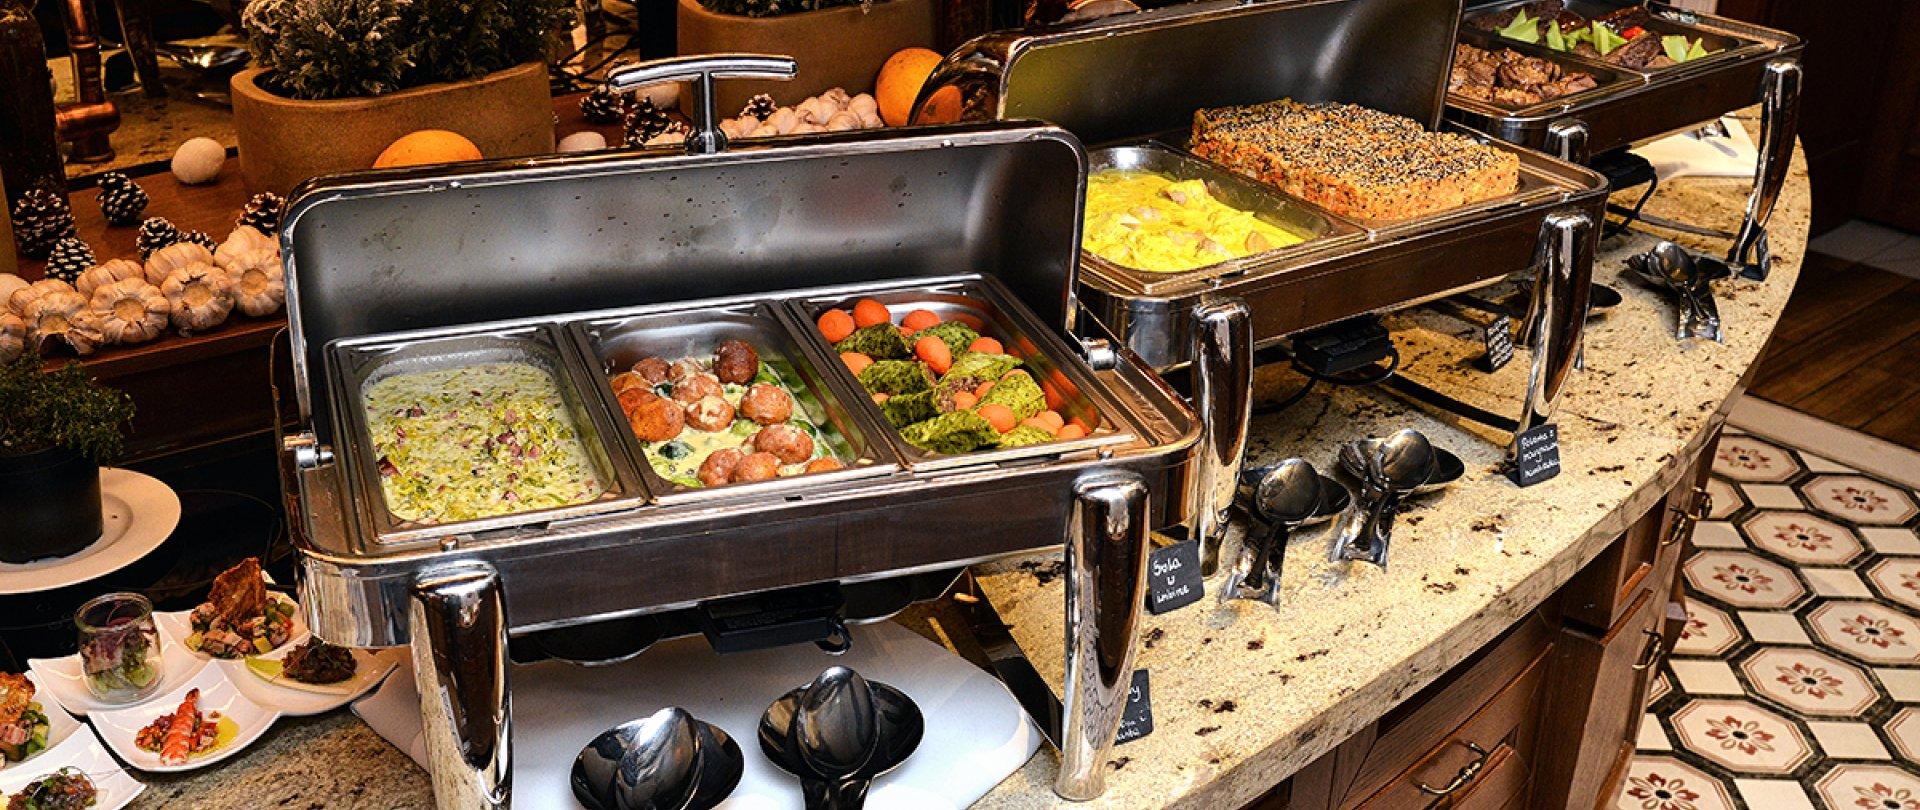 Zacznij pobyt w niedzielę ze zniżką do 50% | Obiad w formie bufetu w cenie